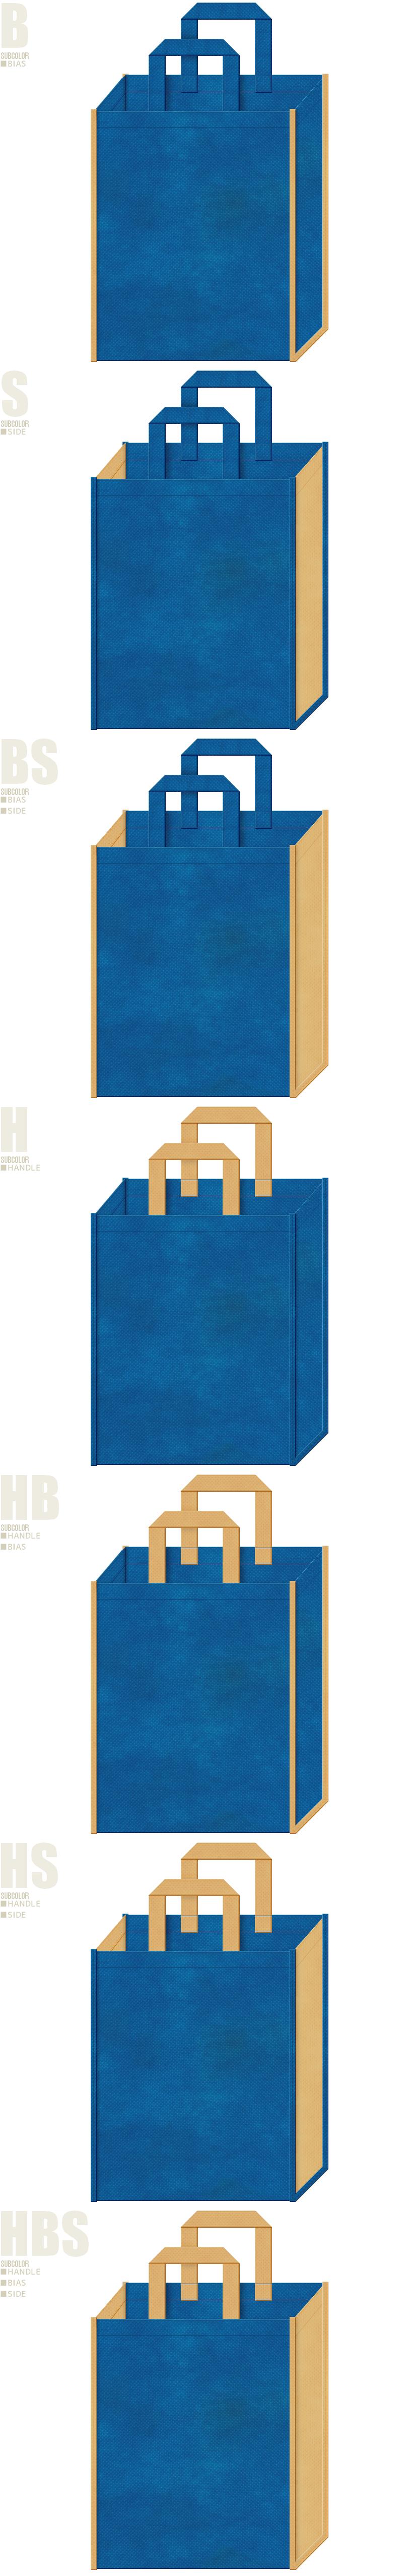 青色と薄黄土色-7パターンの不織布トートバッグ配色デザイン例